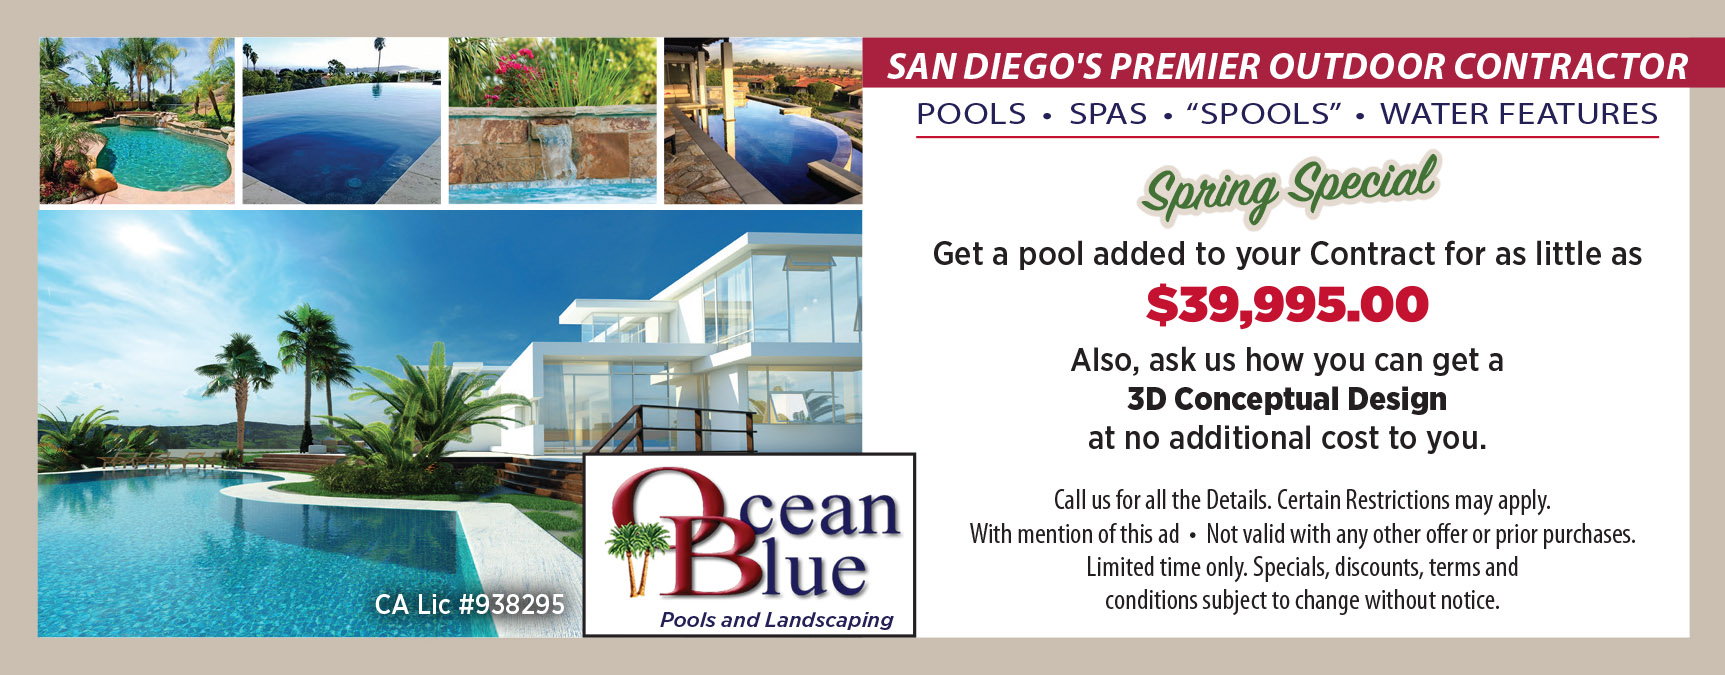 Ocean Blue Pools_Offer_Reg-2_05-18.jpg